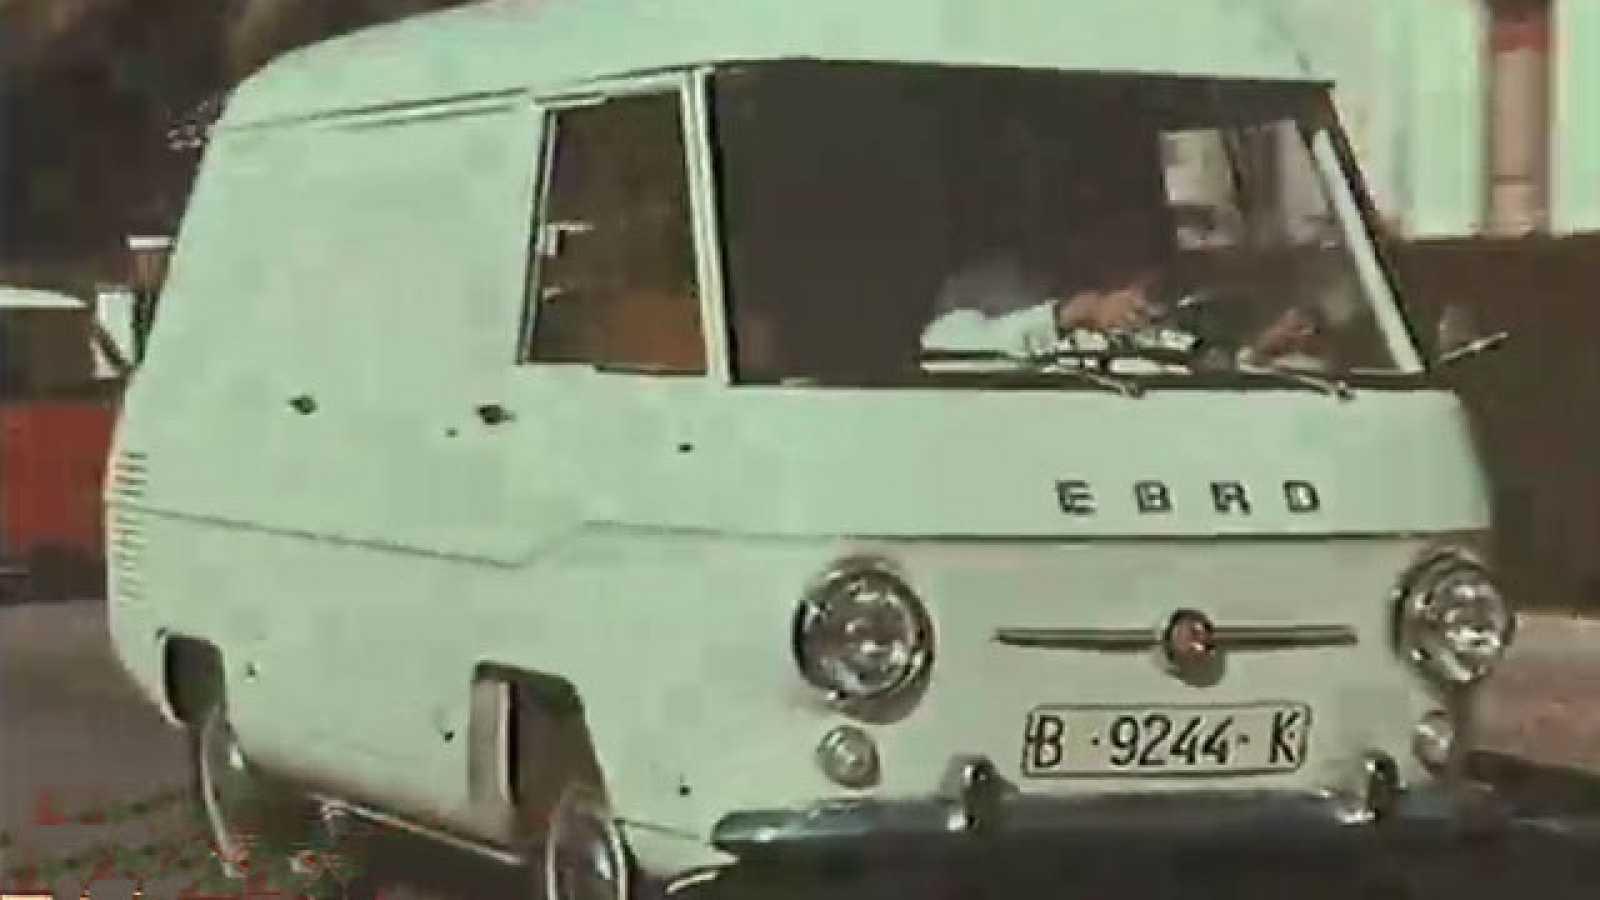 La furgoneta para trabajadores tranquilos